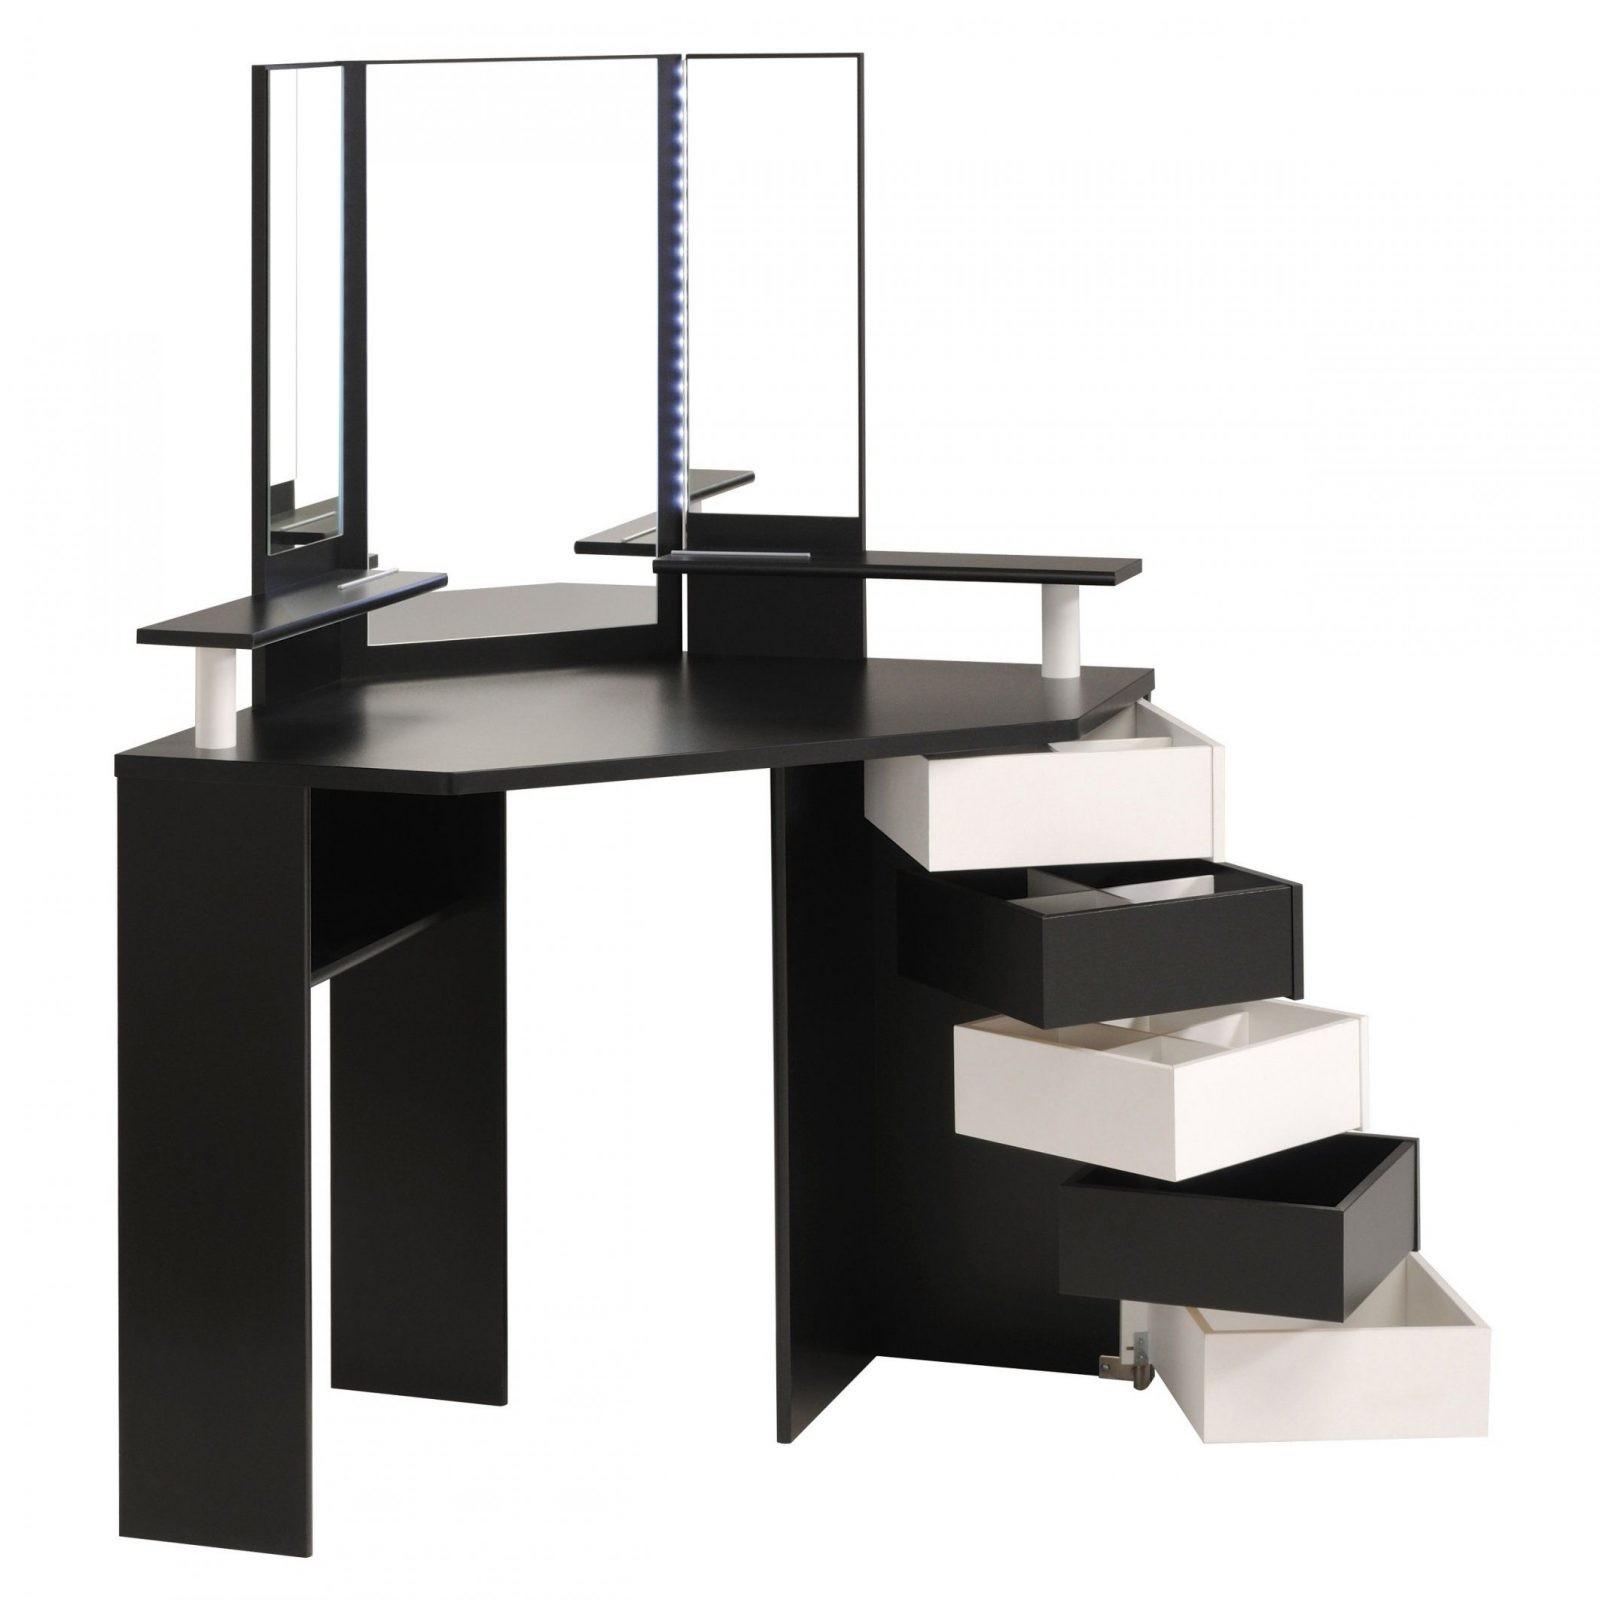 Schminktisch Modern Mit Beleuchtung Spiegel Kabel Led Miteleuchtung von Schminktisch Modern Mit Spiegel Bild